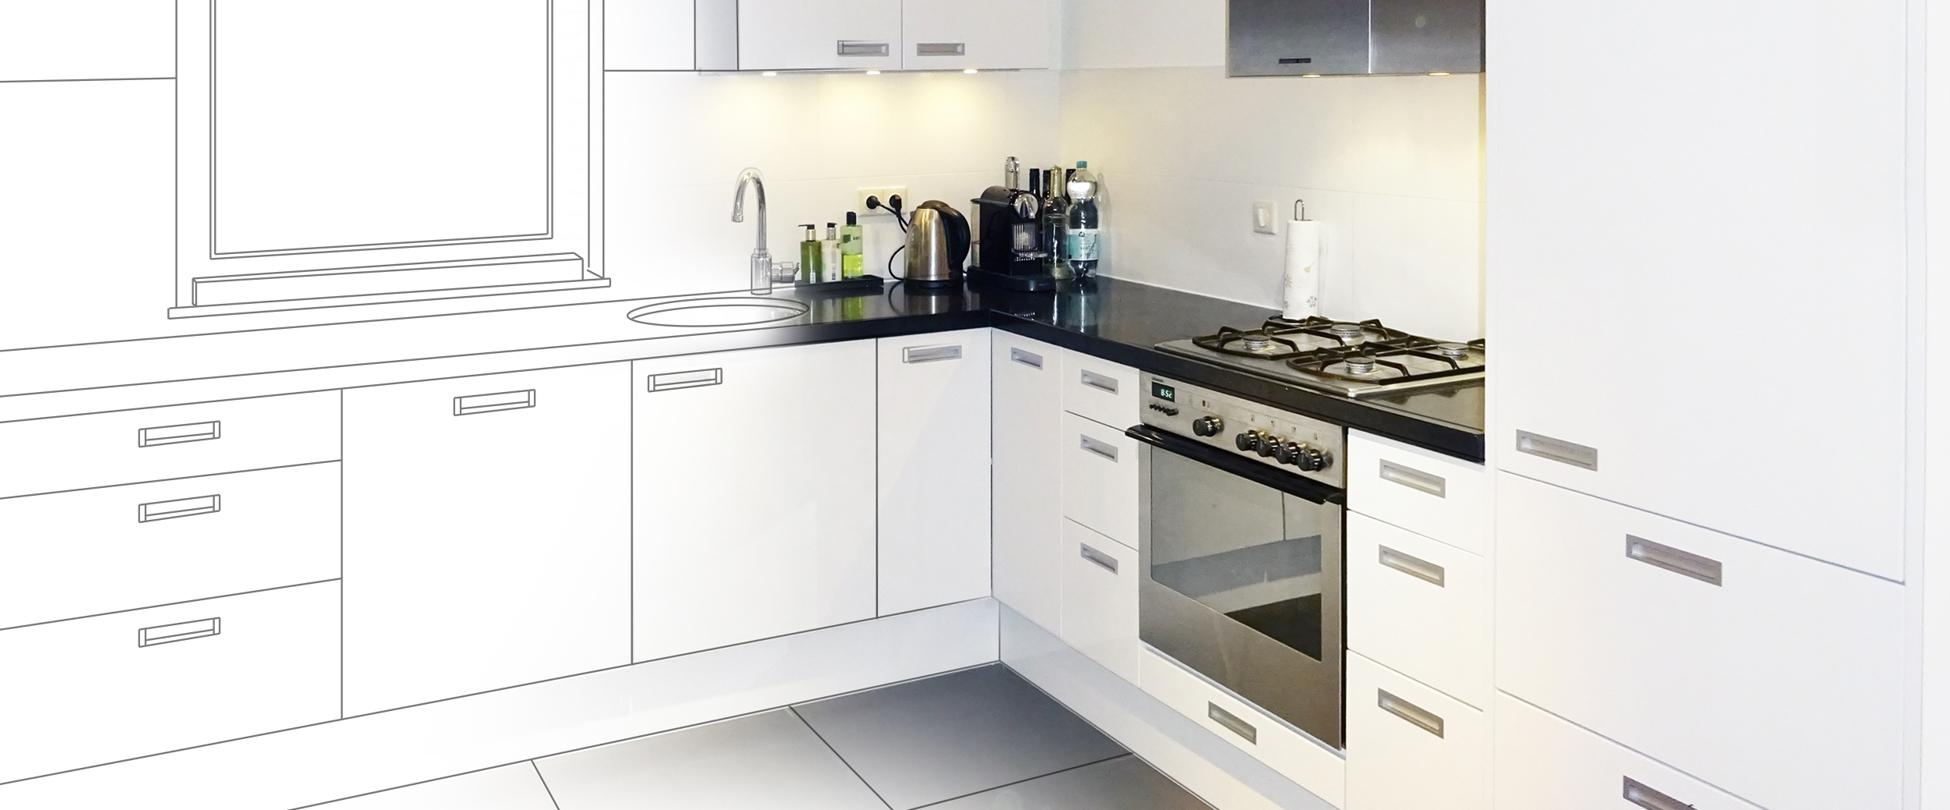 Keuken interieurbouwer